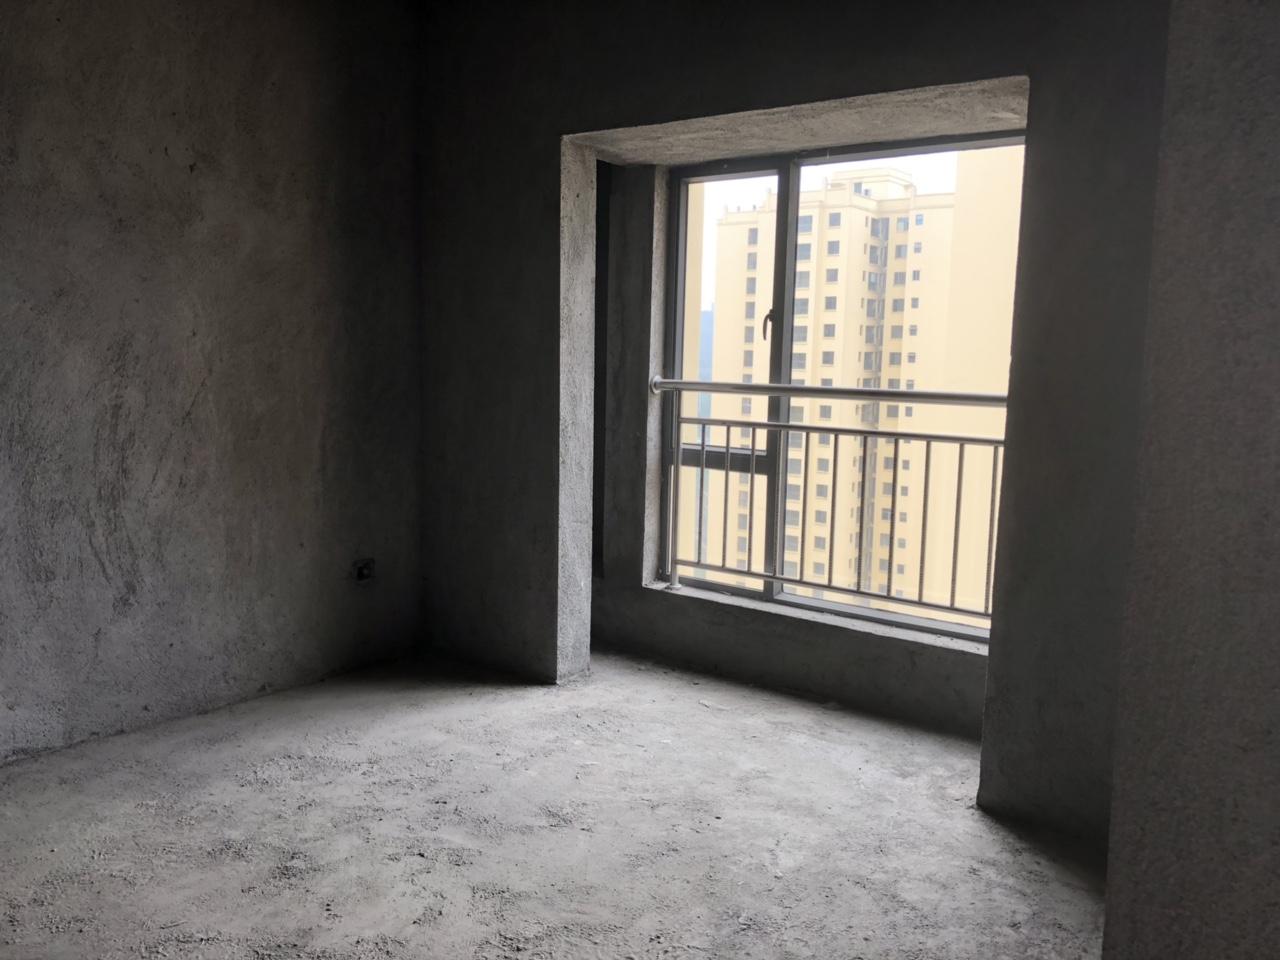 九天慧都龙城3室 2厅 1卫49.5万元